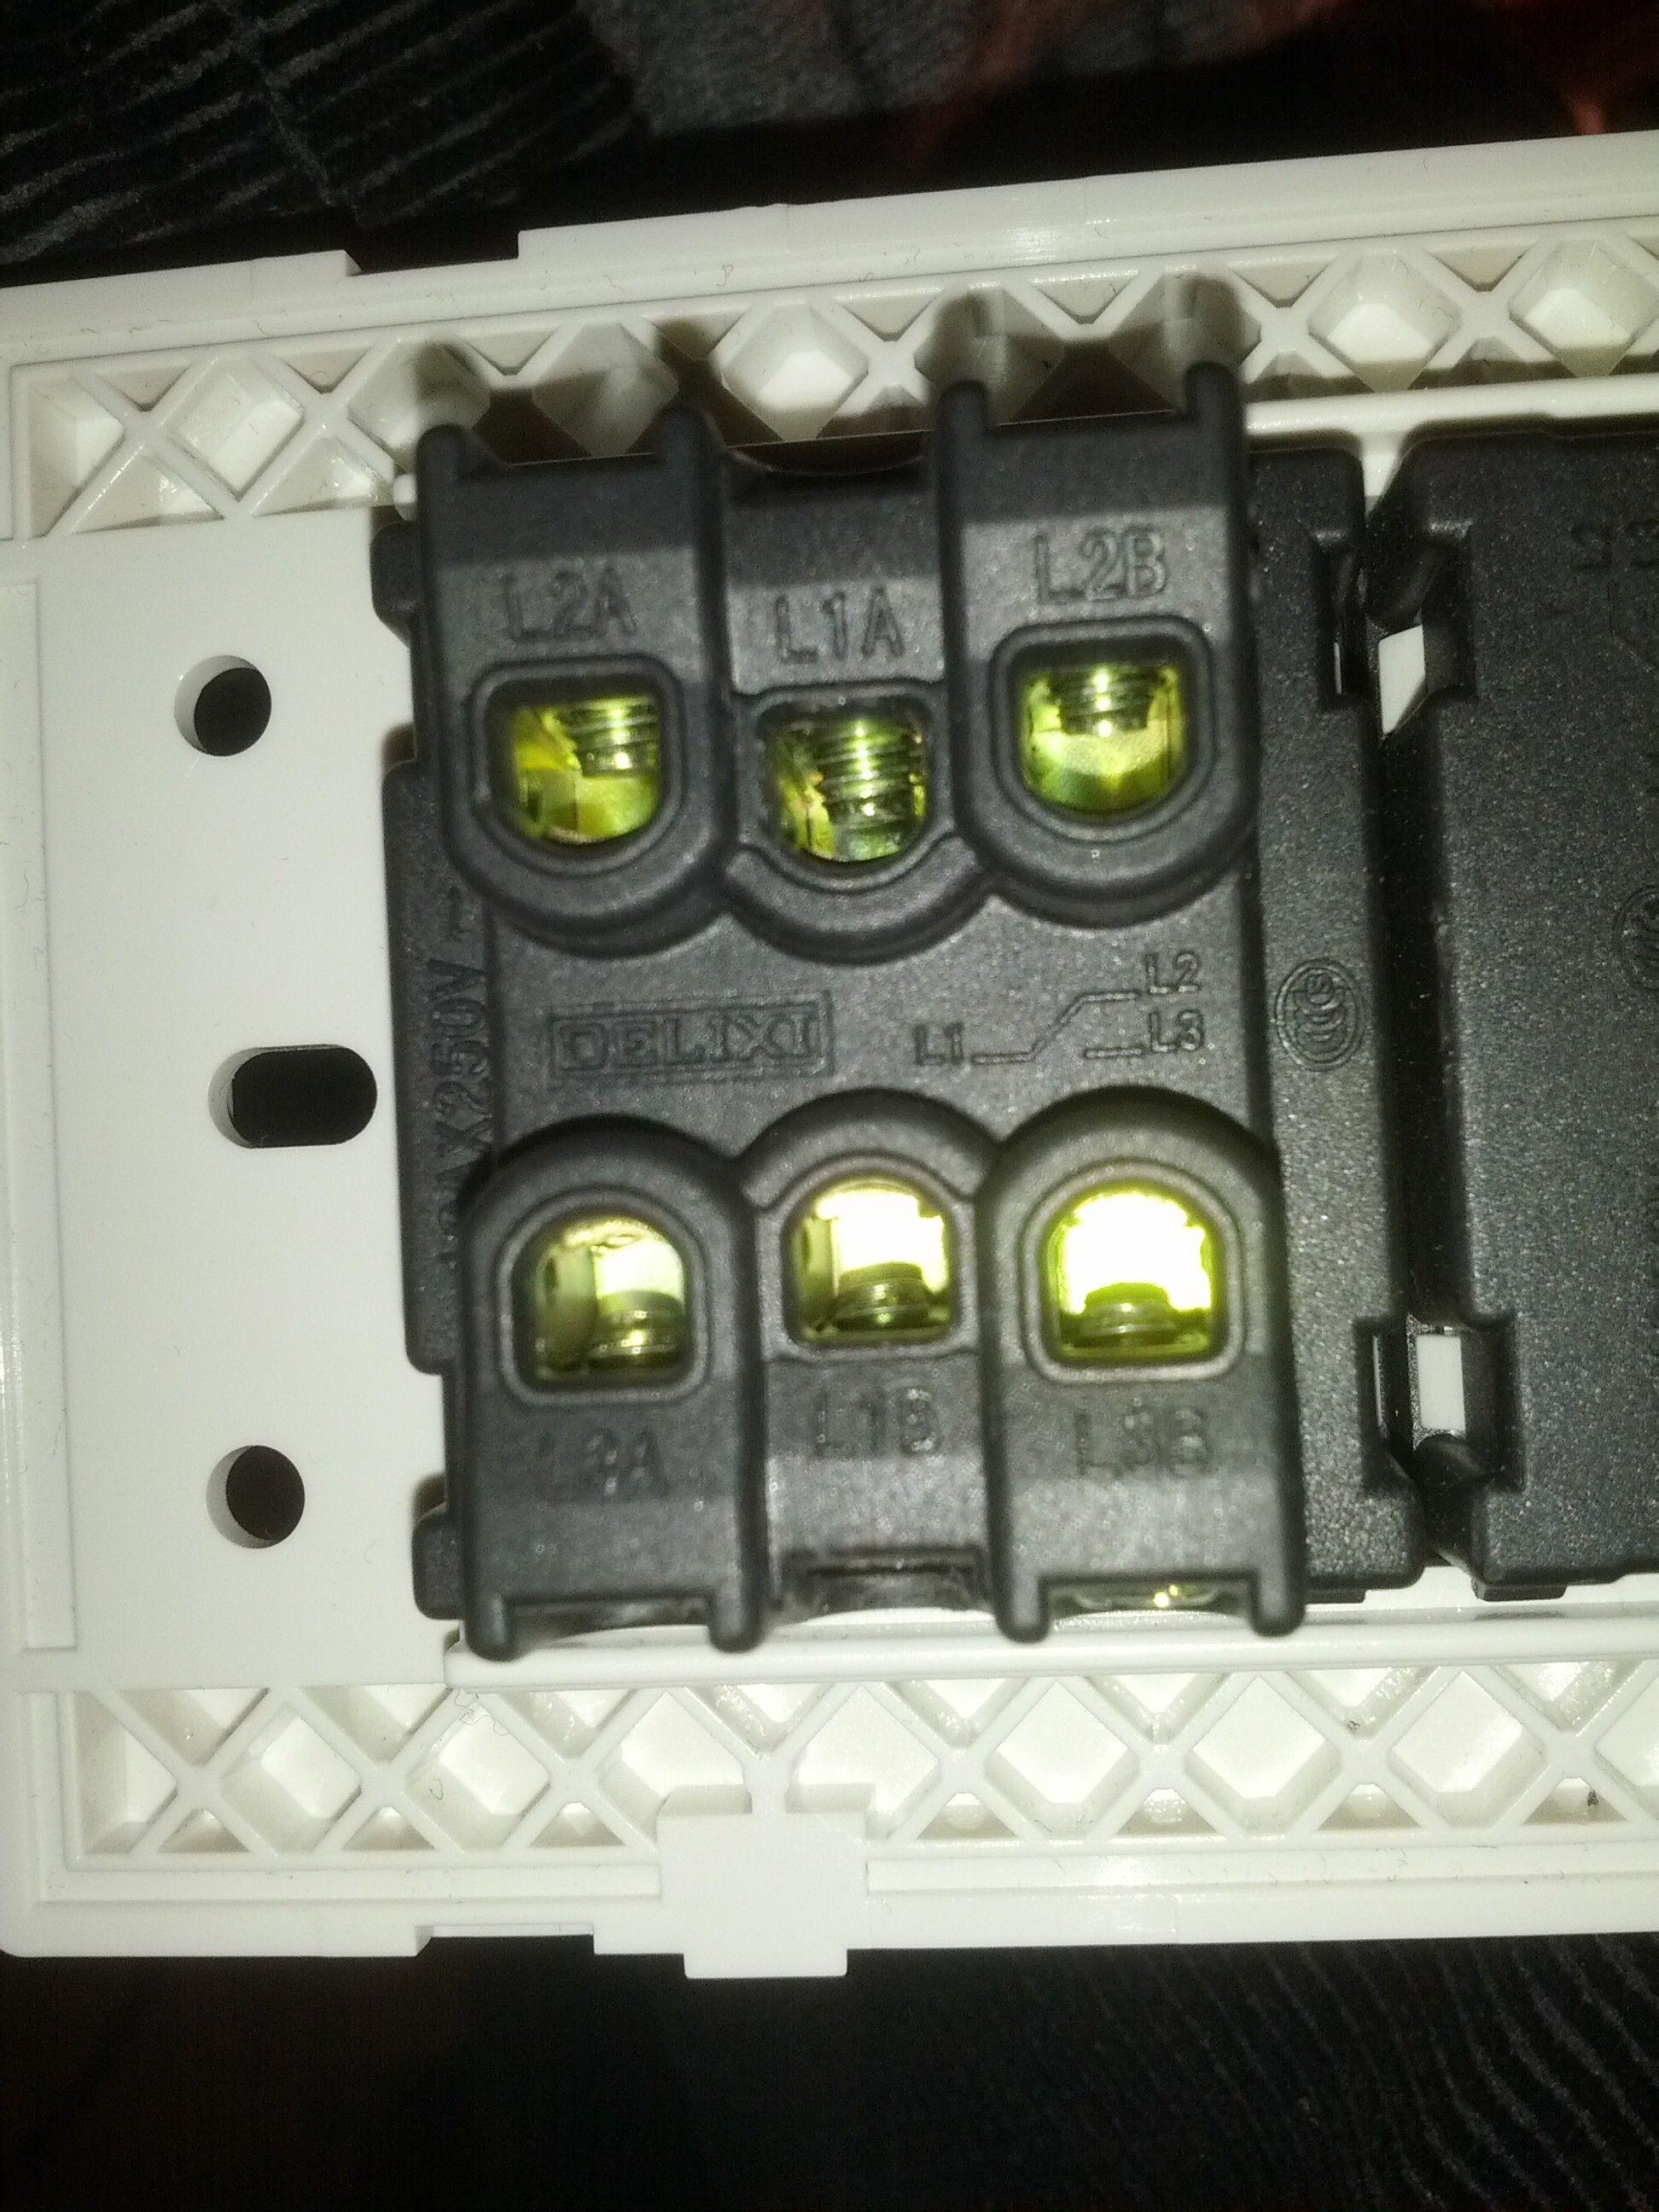 双控双开开关怎么接线成单控双开 开关如图